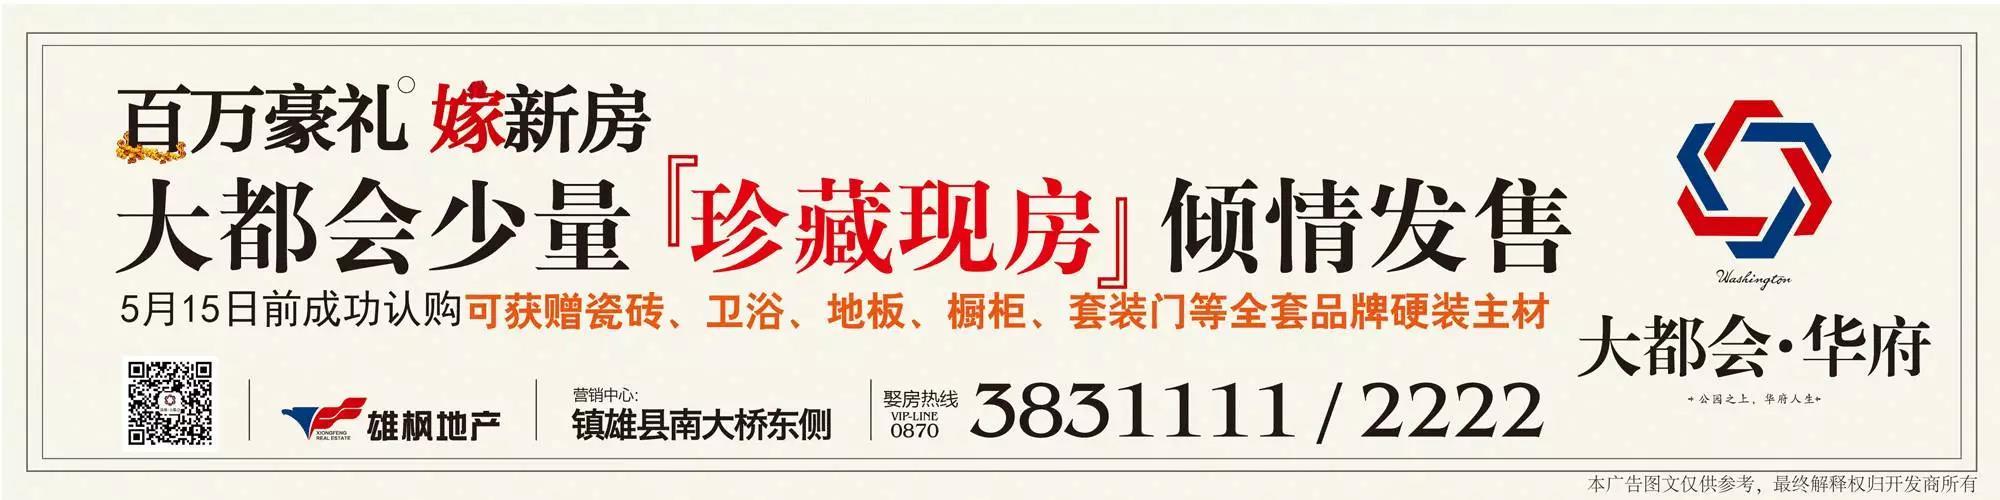 镇雄县雄枫房地产开发有限公司